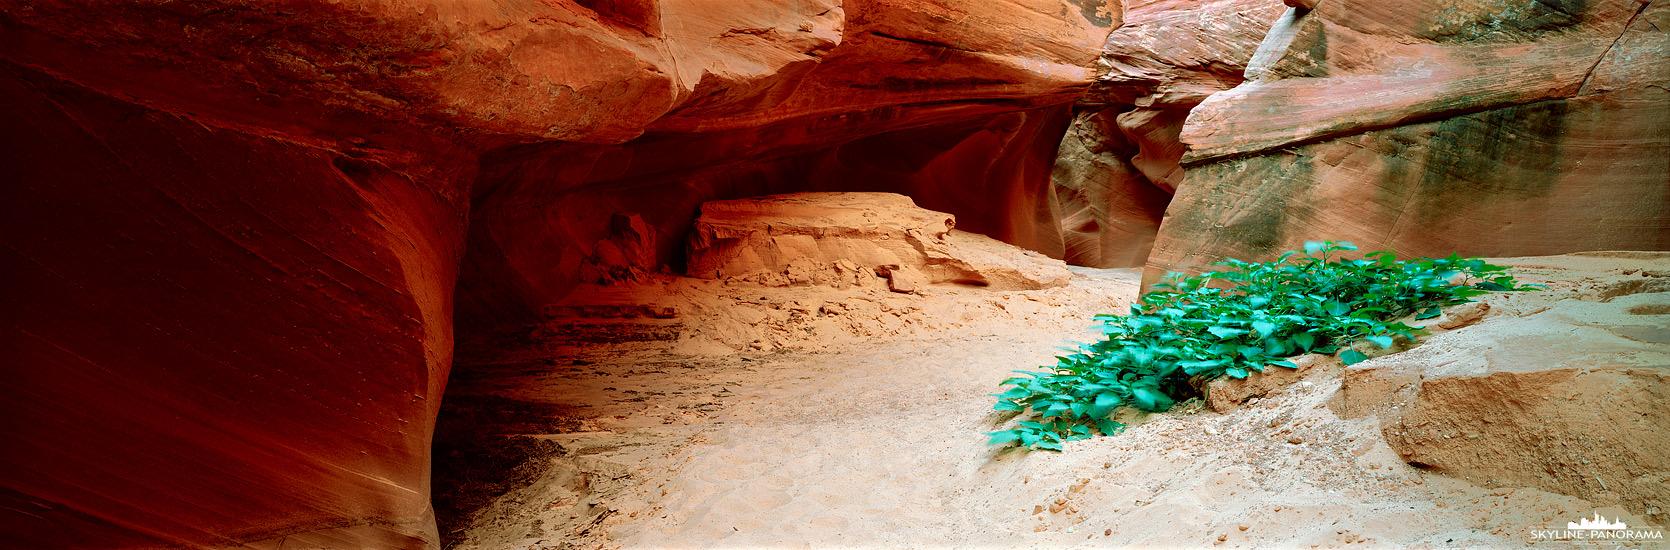 Eine beeindruckende Erfahrung war die Wanderung durch den Slot Canyon des Waterholes Canyon in Page Arizona. Er ist nicht so bekannt wie der nur wenige Kilometer entfernte Antilope Canyon, jedoch weniger überlaufen und dadurch sehr sehenswert. Zu dem Zeitpunkt meines Besuches hatte man die Gelegenheit eine Einzelführung ohne Zeitlimit zu buchen. Sogar etwas Grün konnte man auf der Tour in dem staubigen Wüstenboten des Slot Canyons erblicken. Scheinbar ist es schon einige Zeit her, als die letzten Wassermassen durch den Waterhole Canyon gelaufen sind.